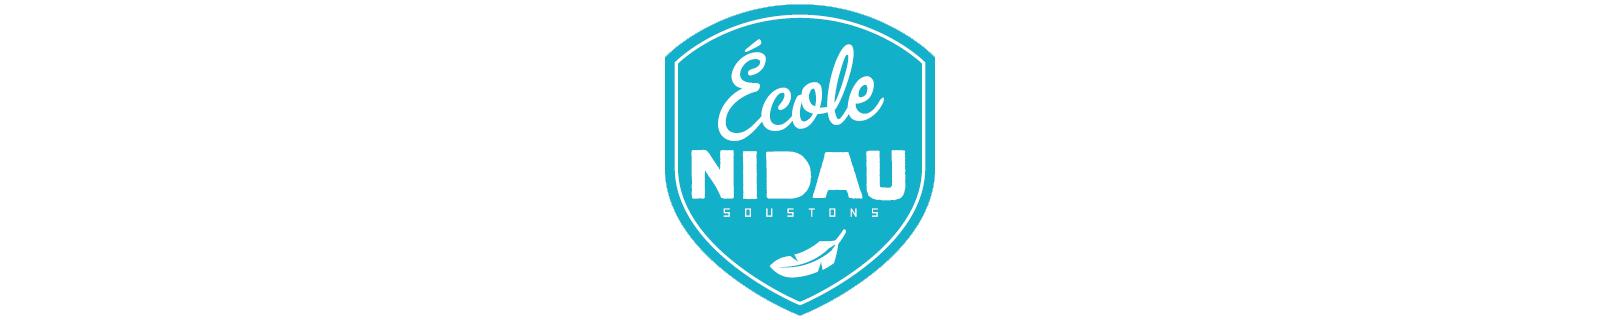 ÉCOLE NIDAU – SOUSTONS – PÉDAGOGIE MONTESSORI – ÉCOLE BILINGUE